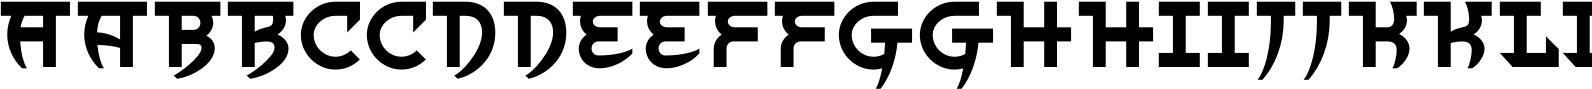 Indi Kazka 4F